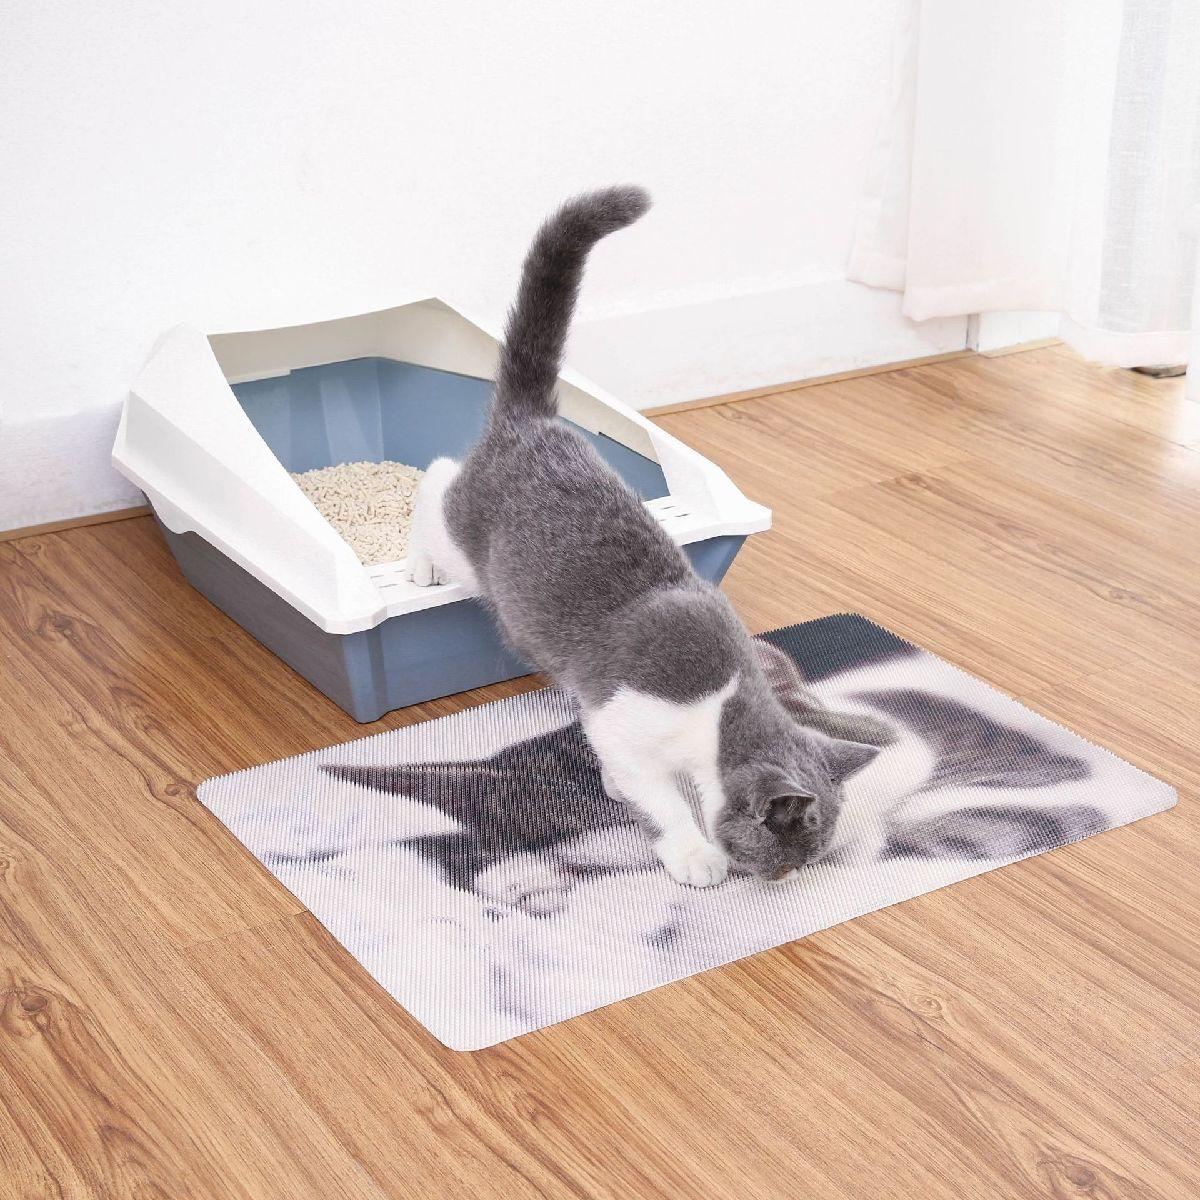 猫用砂取りマット猫砂マット猫トイレマットペット用品猫トイレ用品トイレタリー猫用猫砂飛散防止滑り止め清